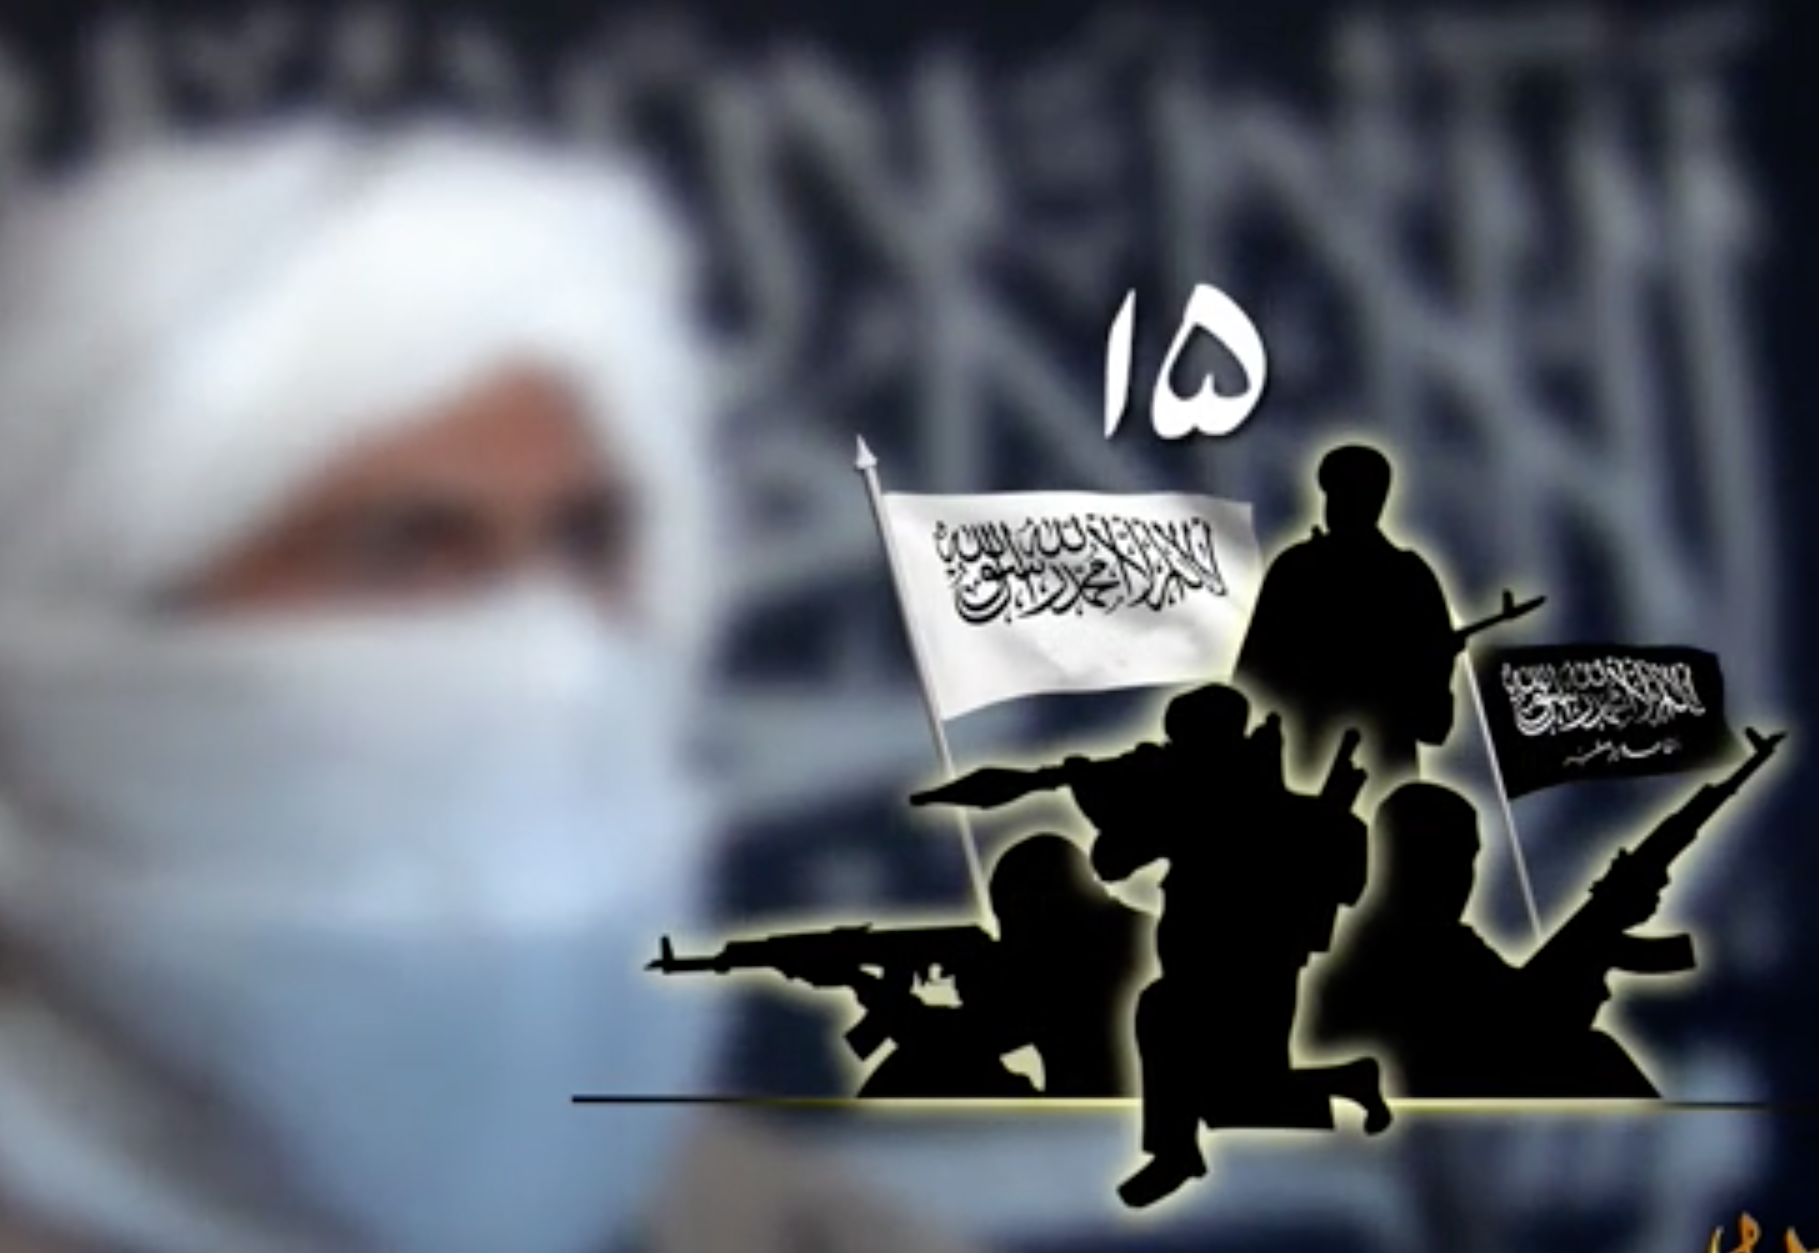 Droht Afghanistan erneut ein sicherer Hafen für transnationale Terroristen zu werden?